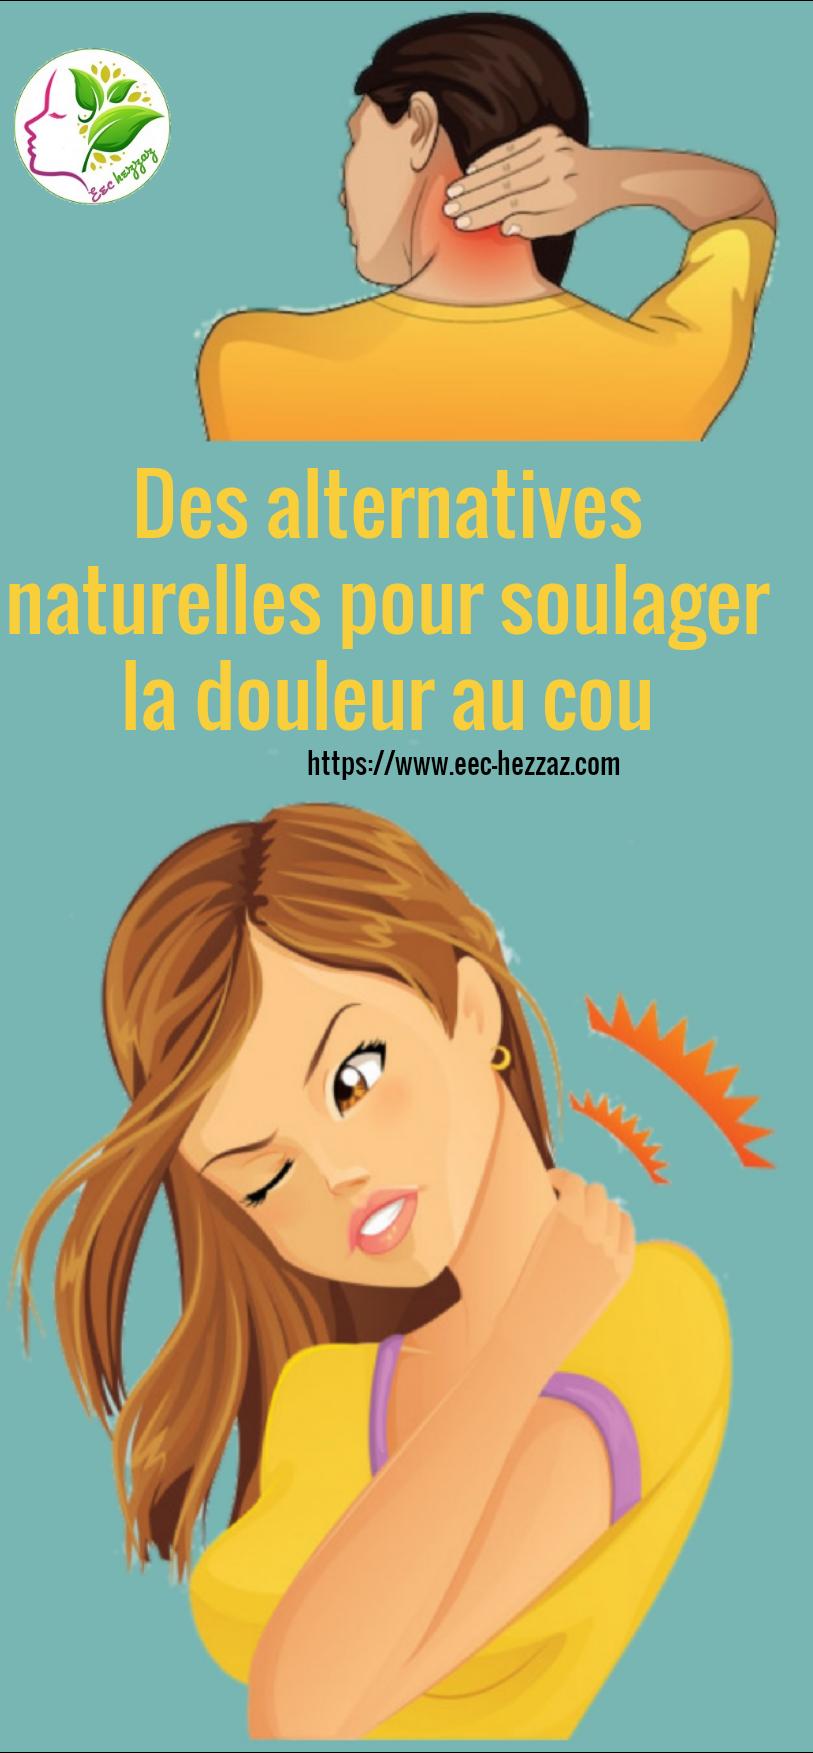 Des alternatives naturelles pour soulager la douleur au cou